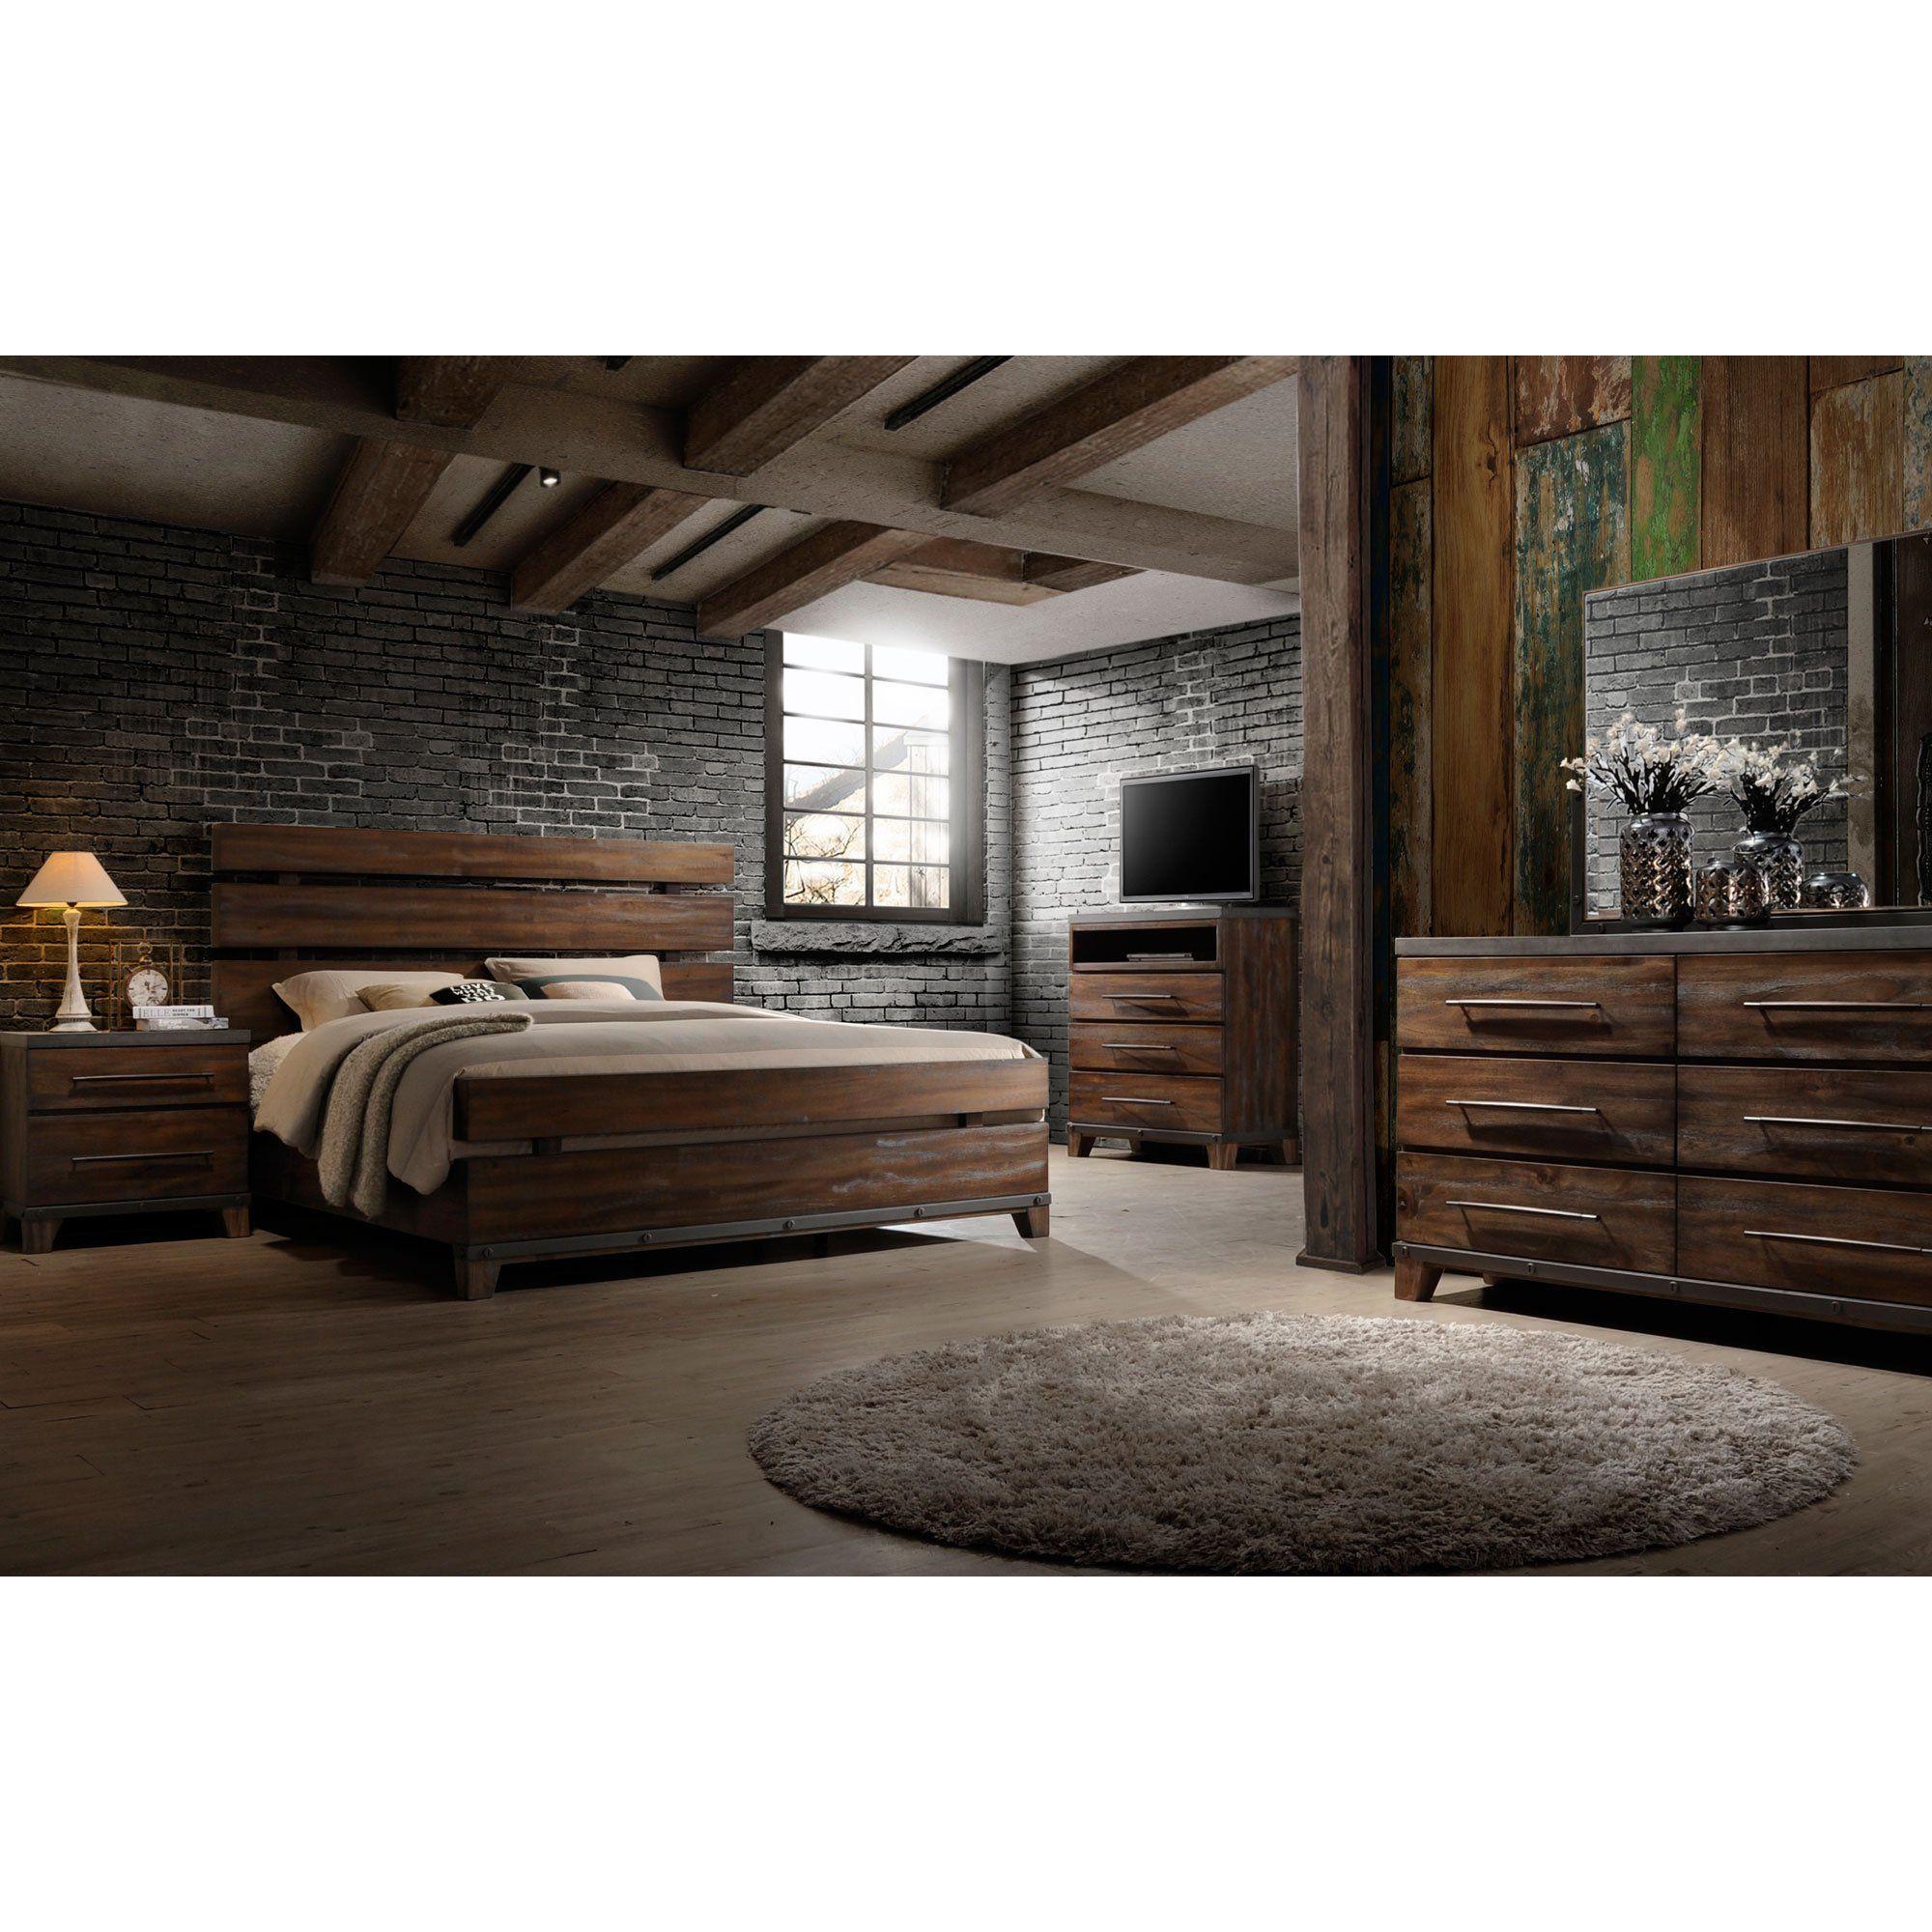 Modern Rustic Brown 4 Piece King Bedroom Set Forge Rustic